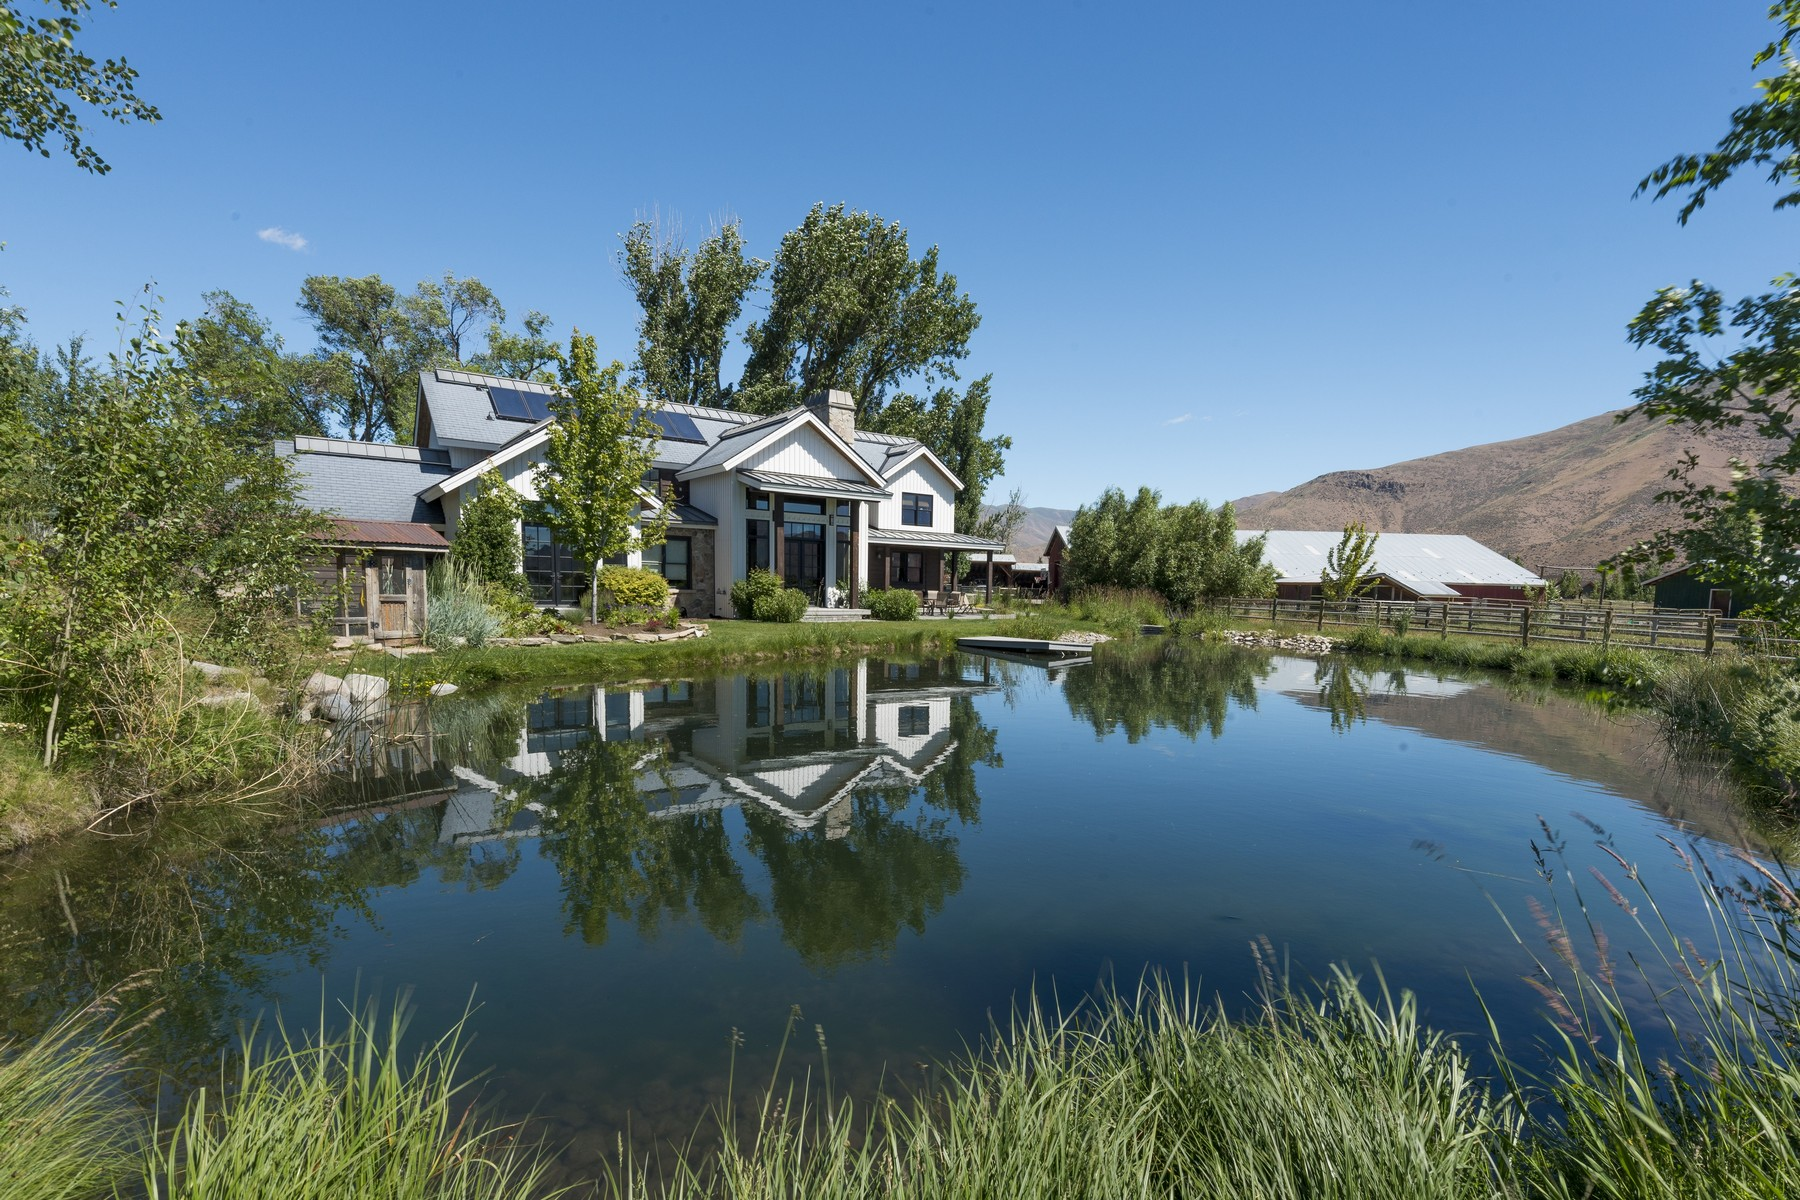 Ferme / Ranch / Plantation pour l Vente à Your Dream Ranch 10965 and 10975 St Hwy 75 Bellevue, Idaho 83313 États-Unis